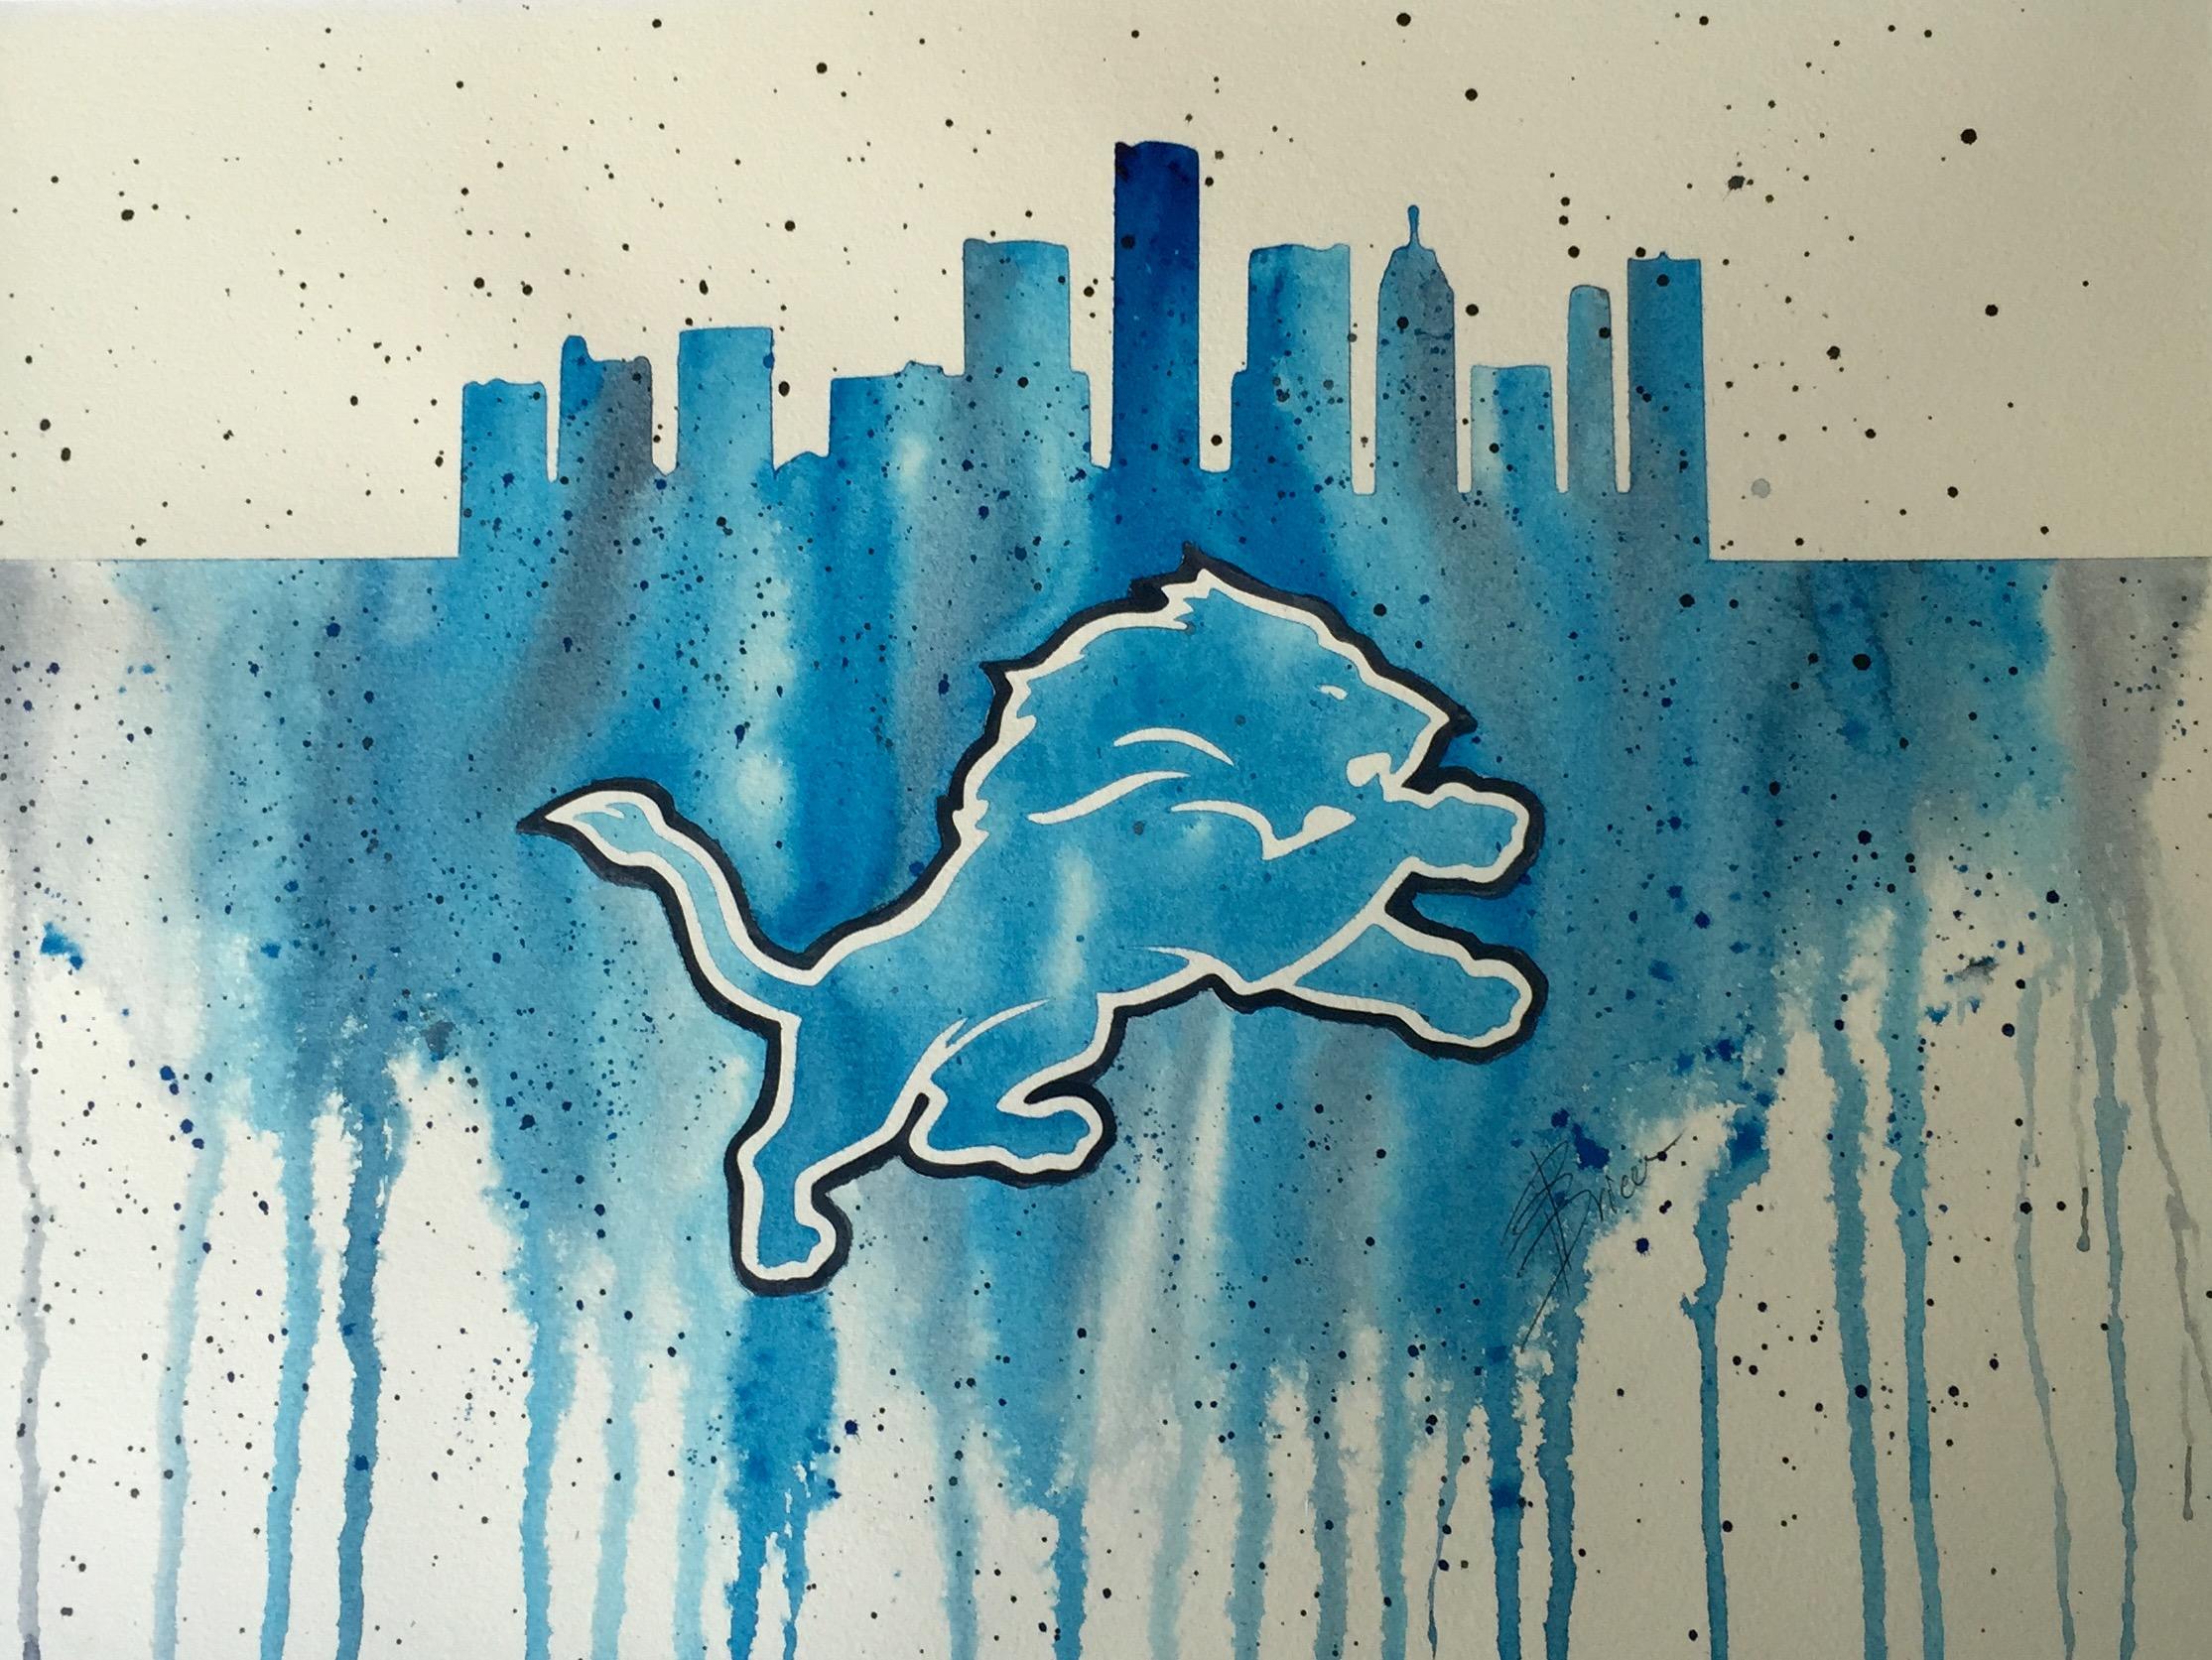 Detriot Lions